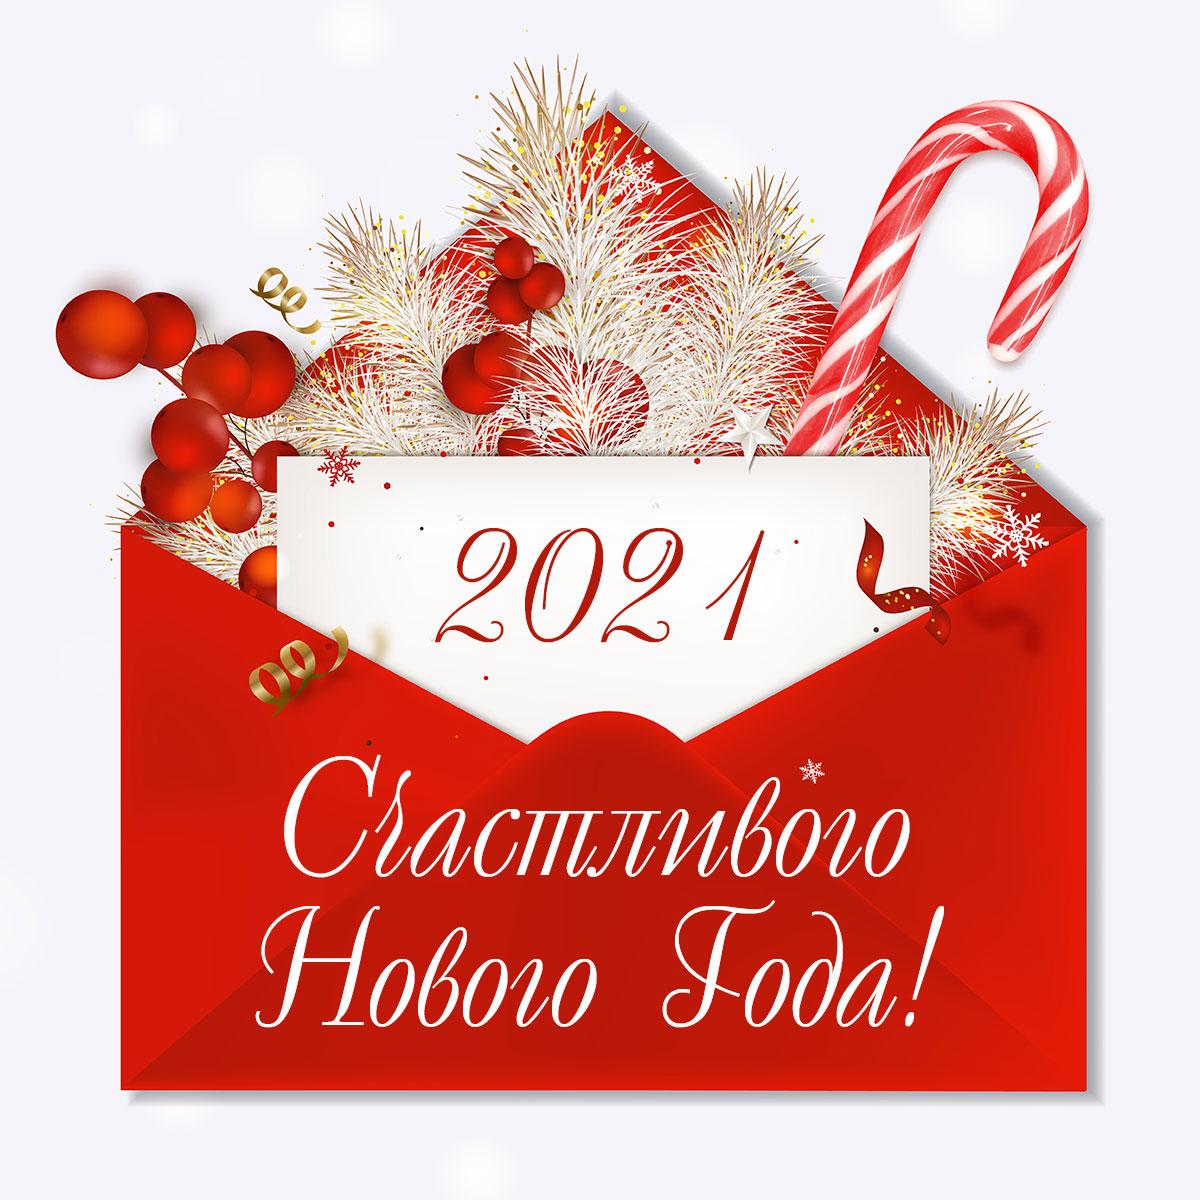 Картинка на новый год: открытка с праздничными украшениями в красном почтовом конверте с поздравительной надписью.